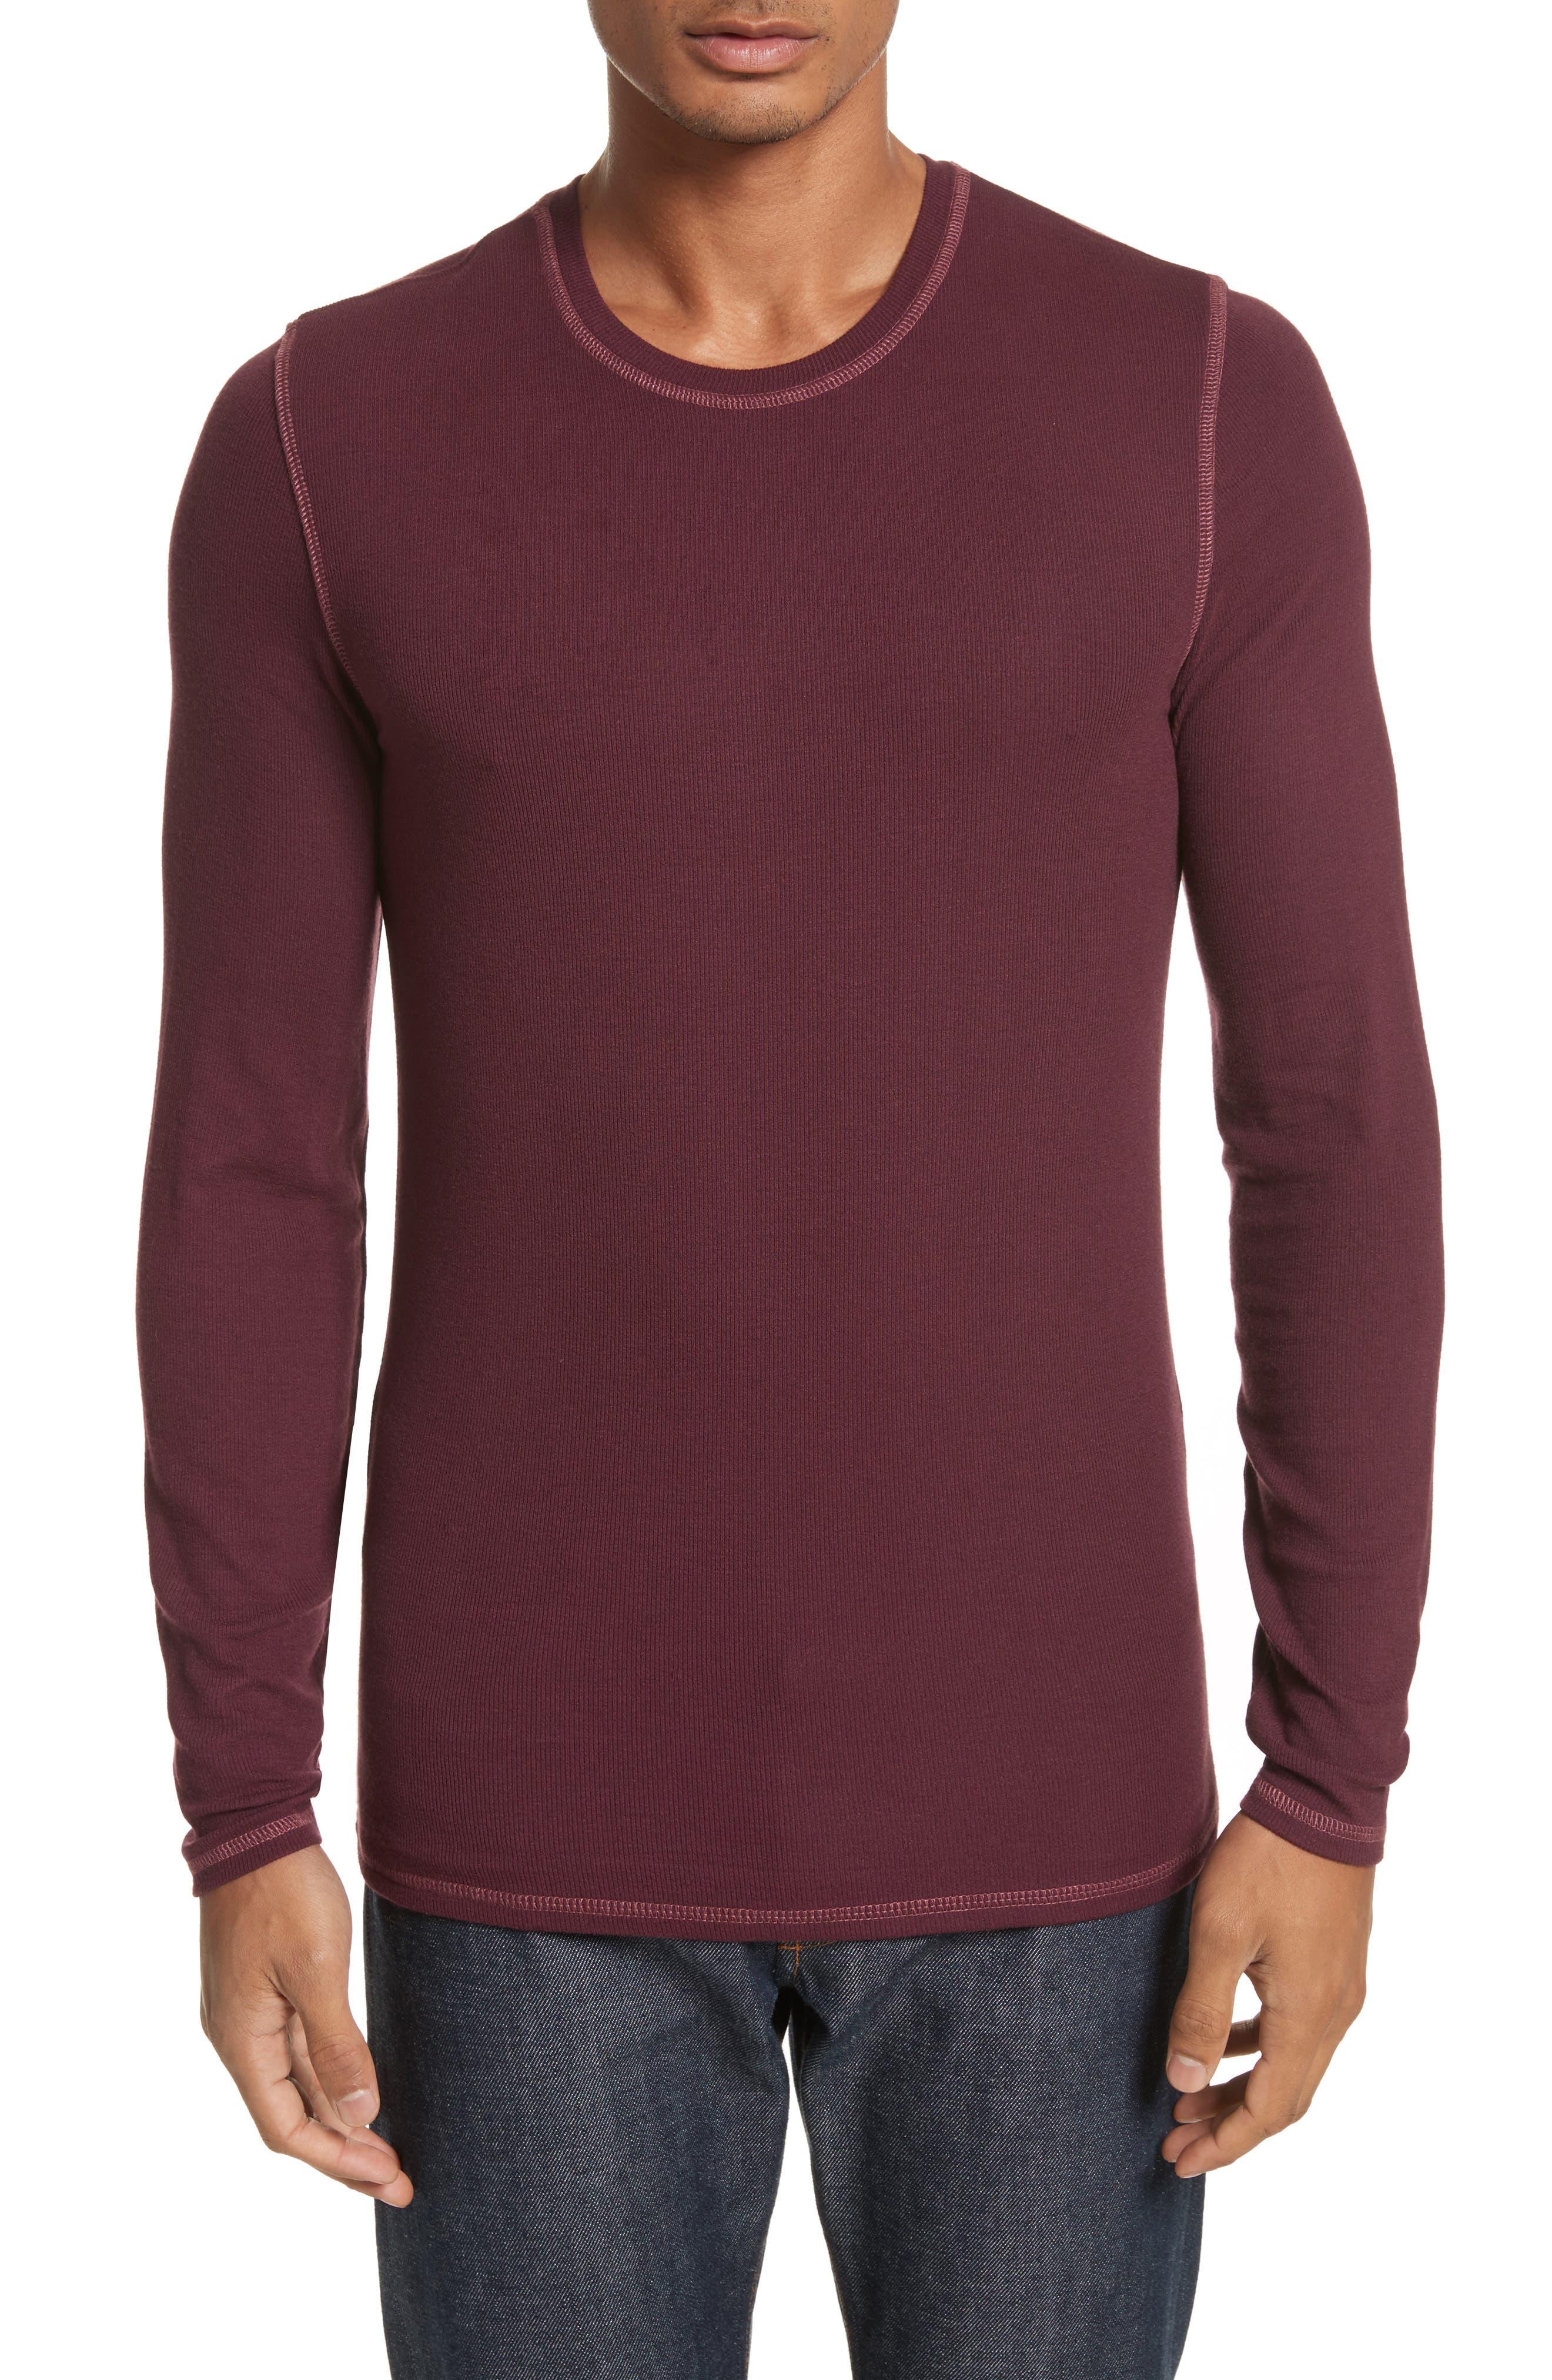 Rib Modal Crewneck Sweater,                             Main thumbnail 1, color,                             Merlot